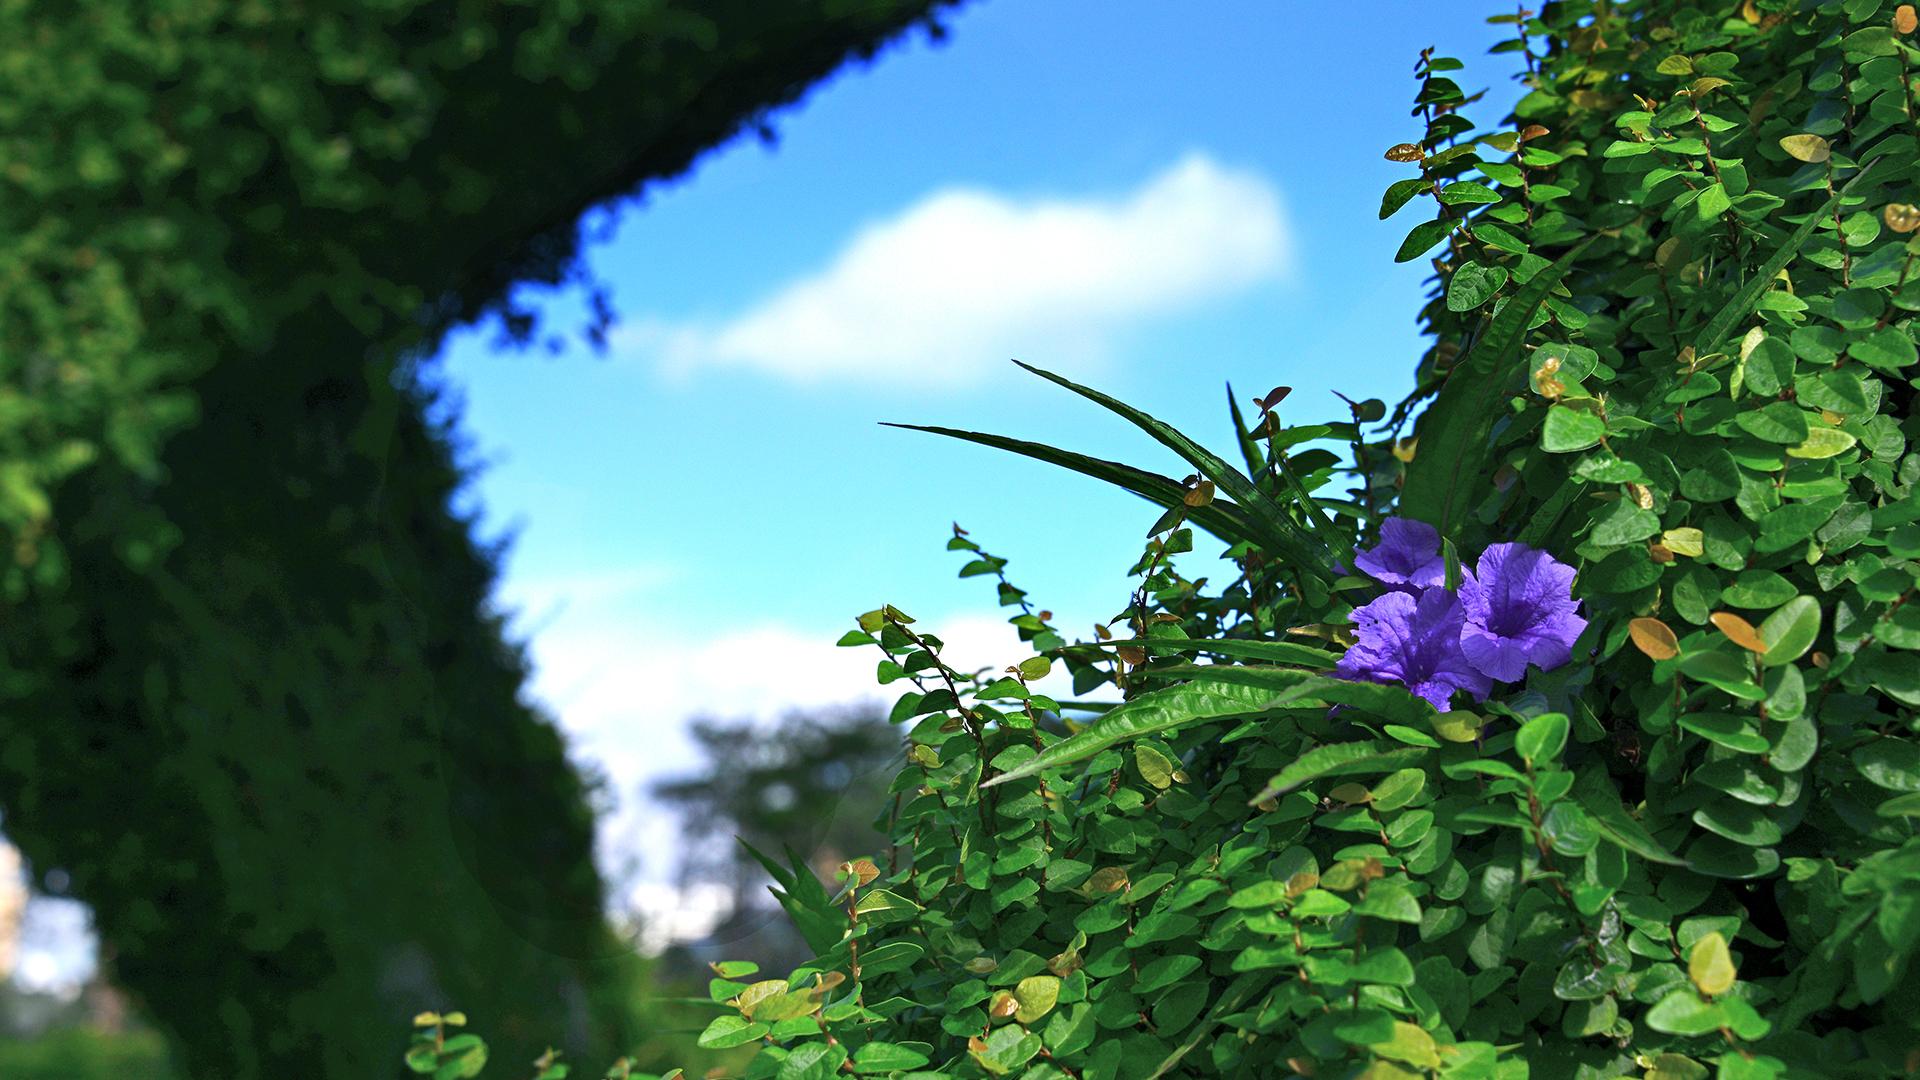 紫花蘆利草-1920-X-1080.jpg